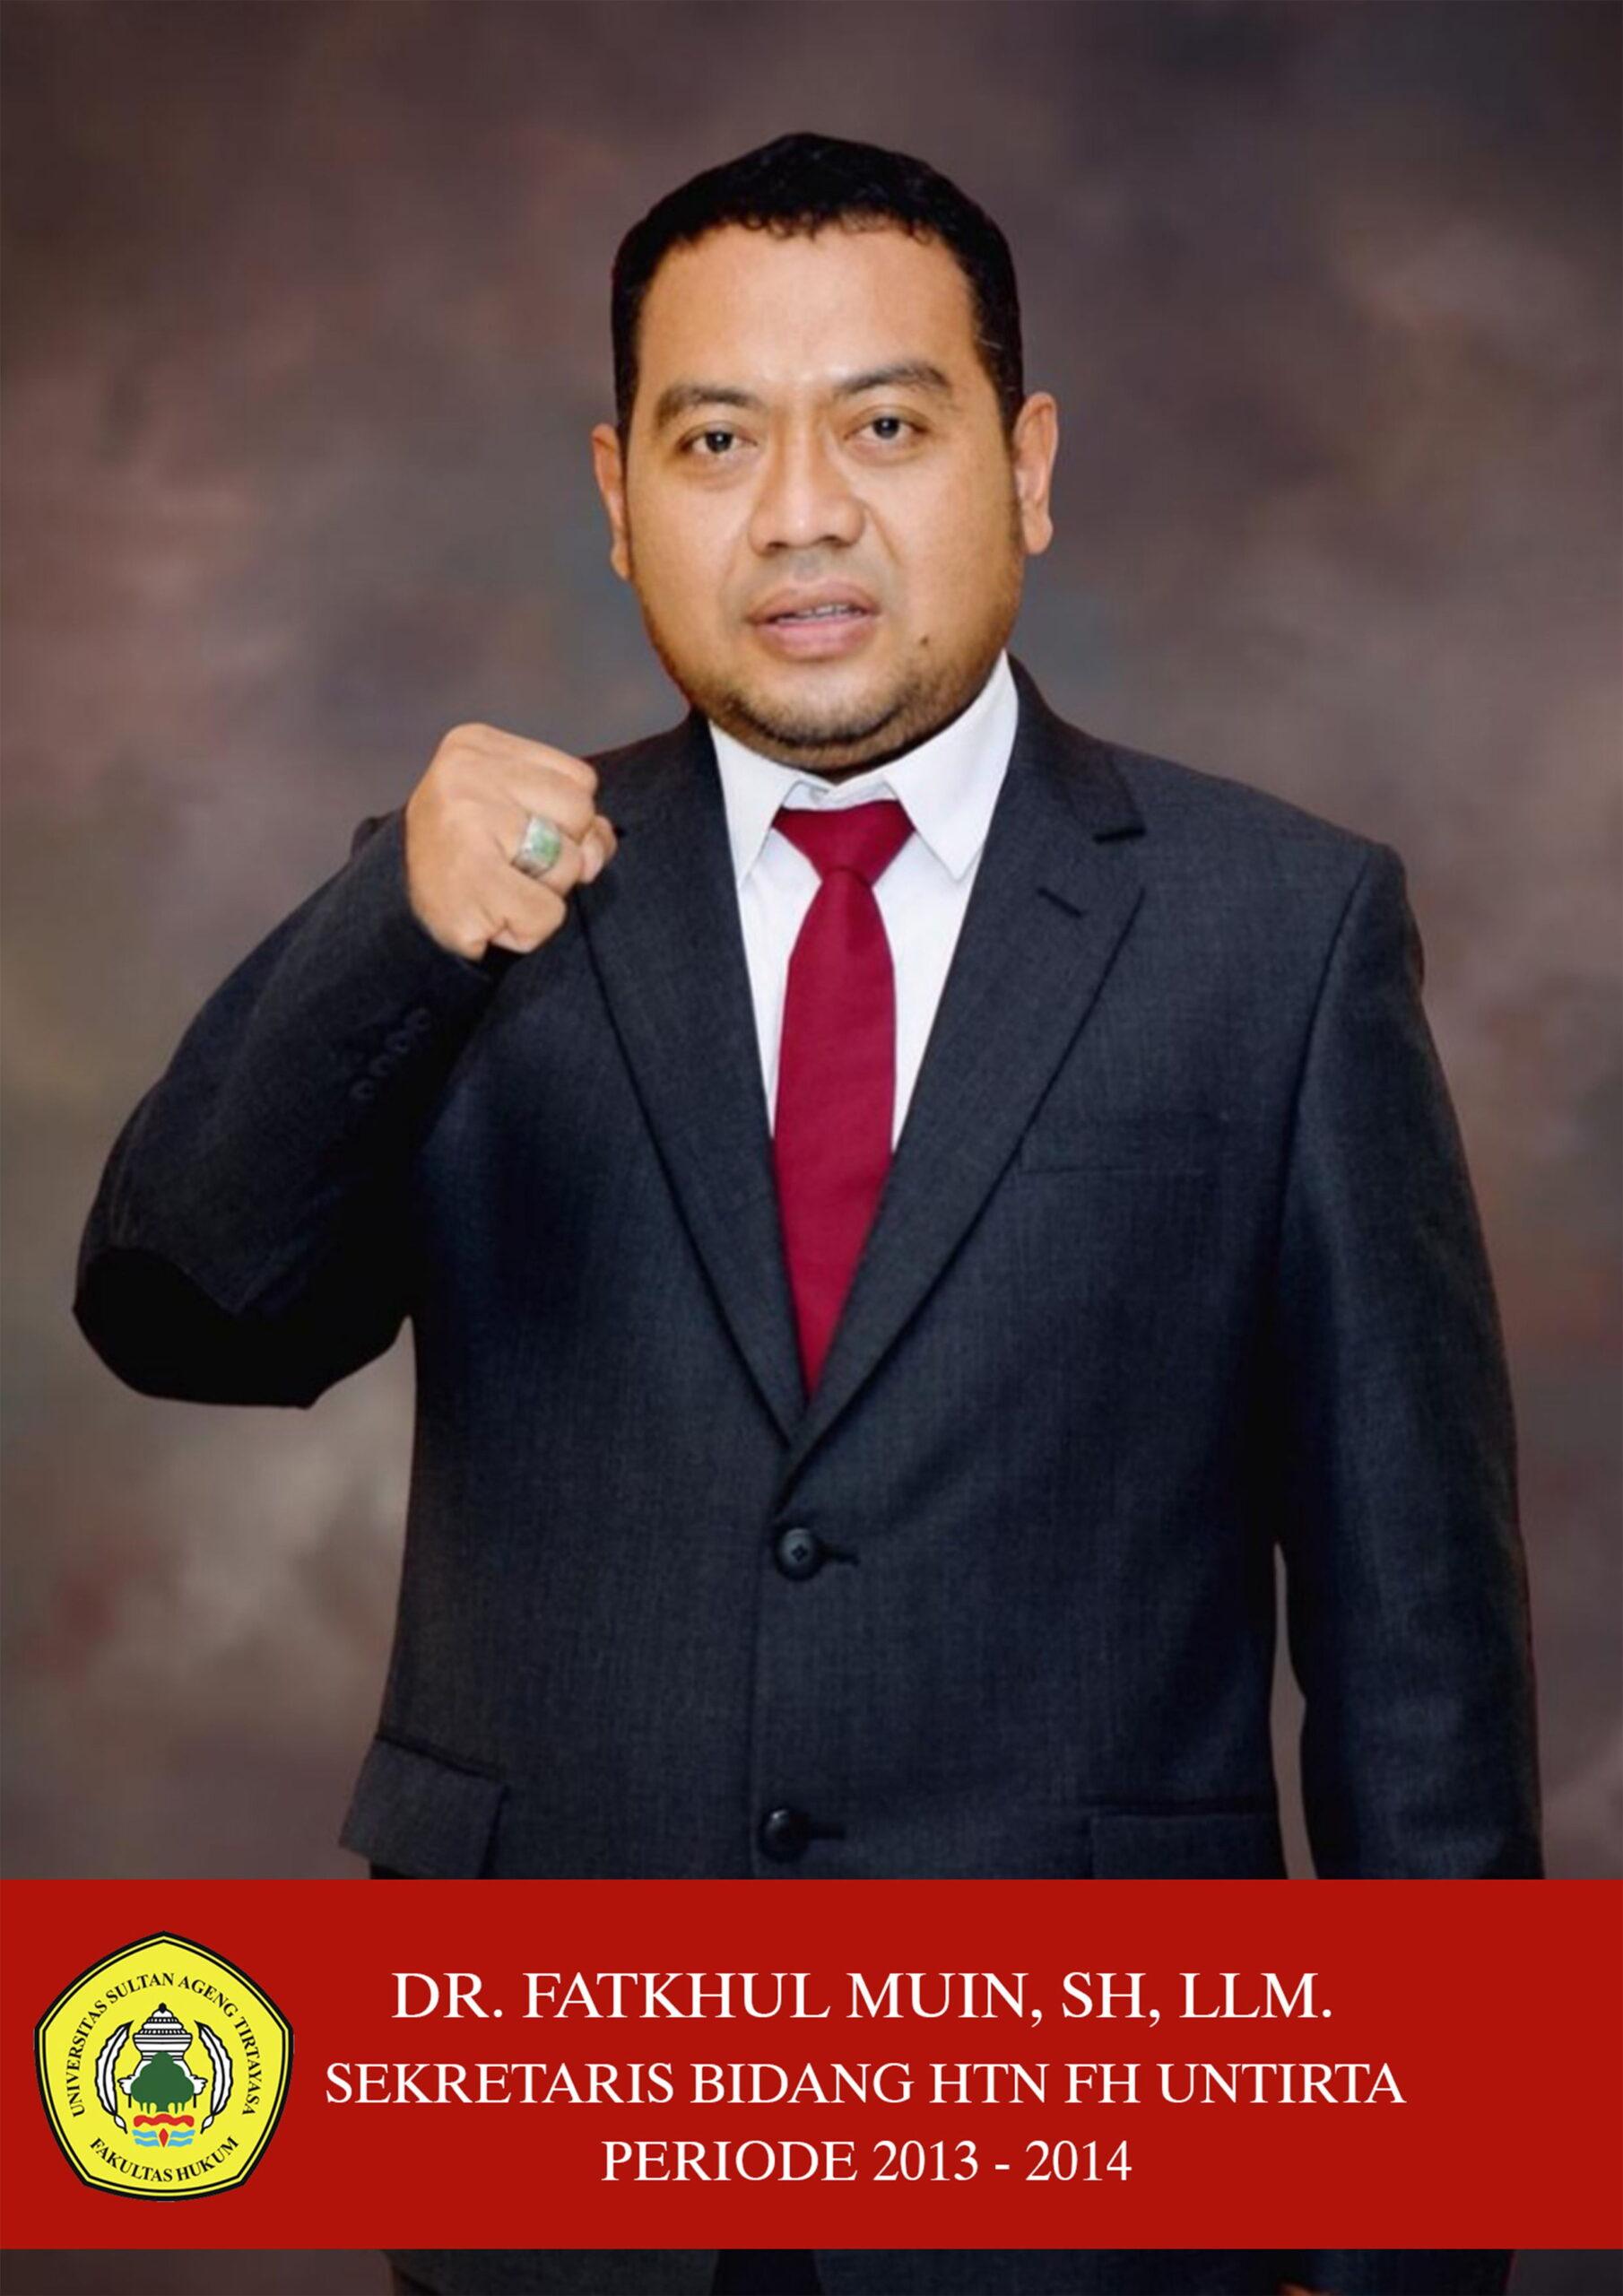 3. Fatkhul Muin